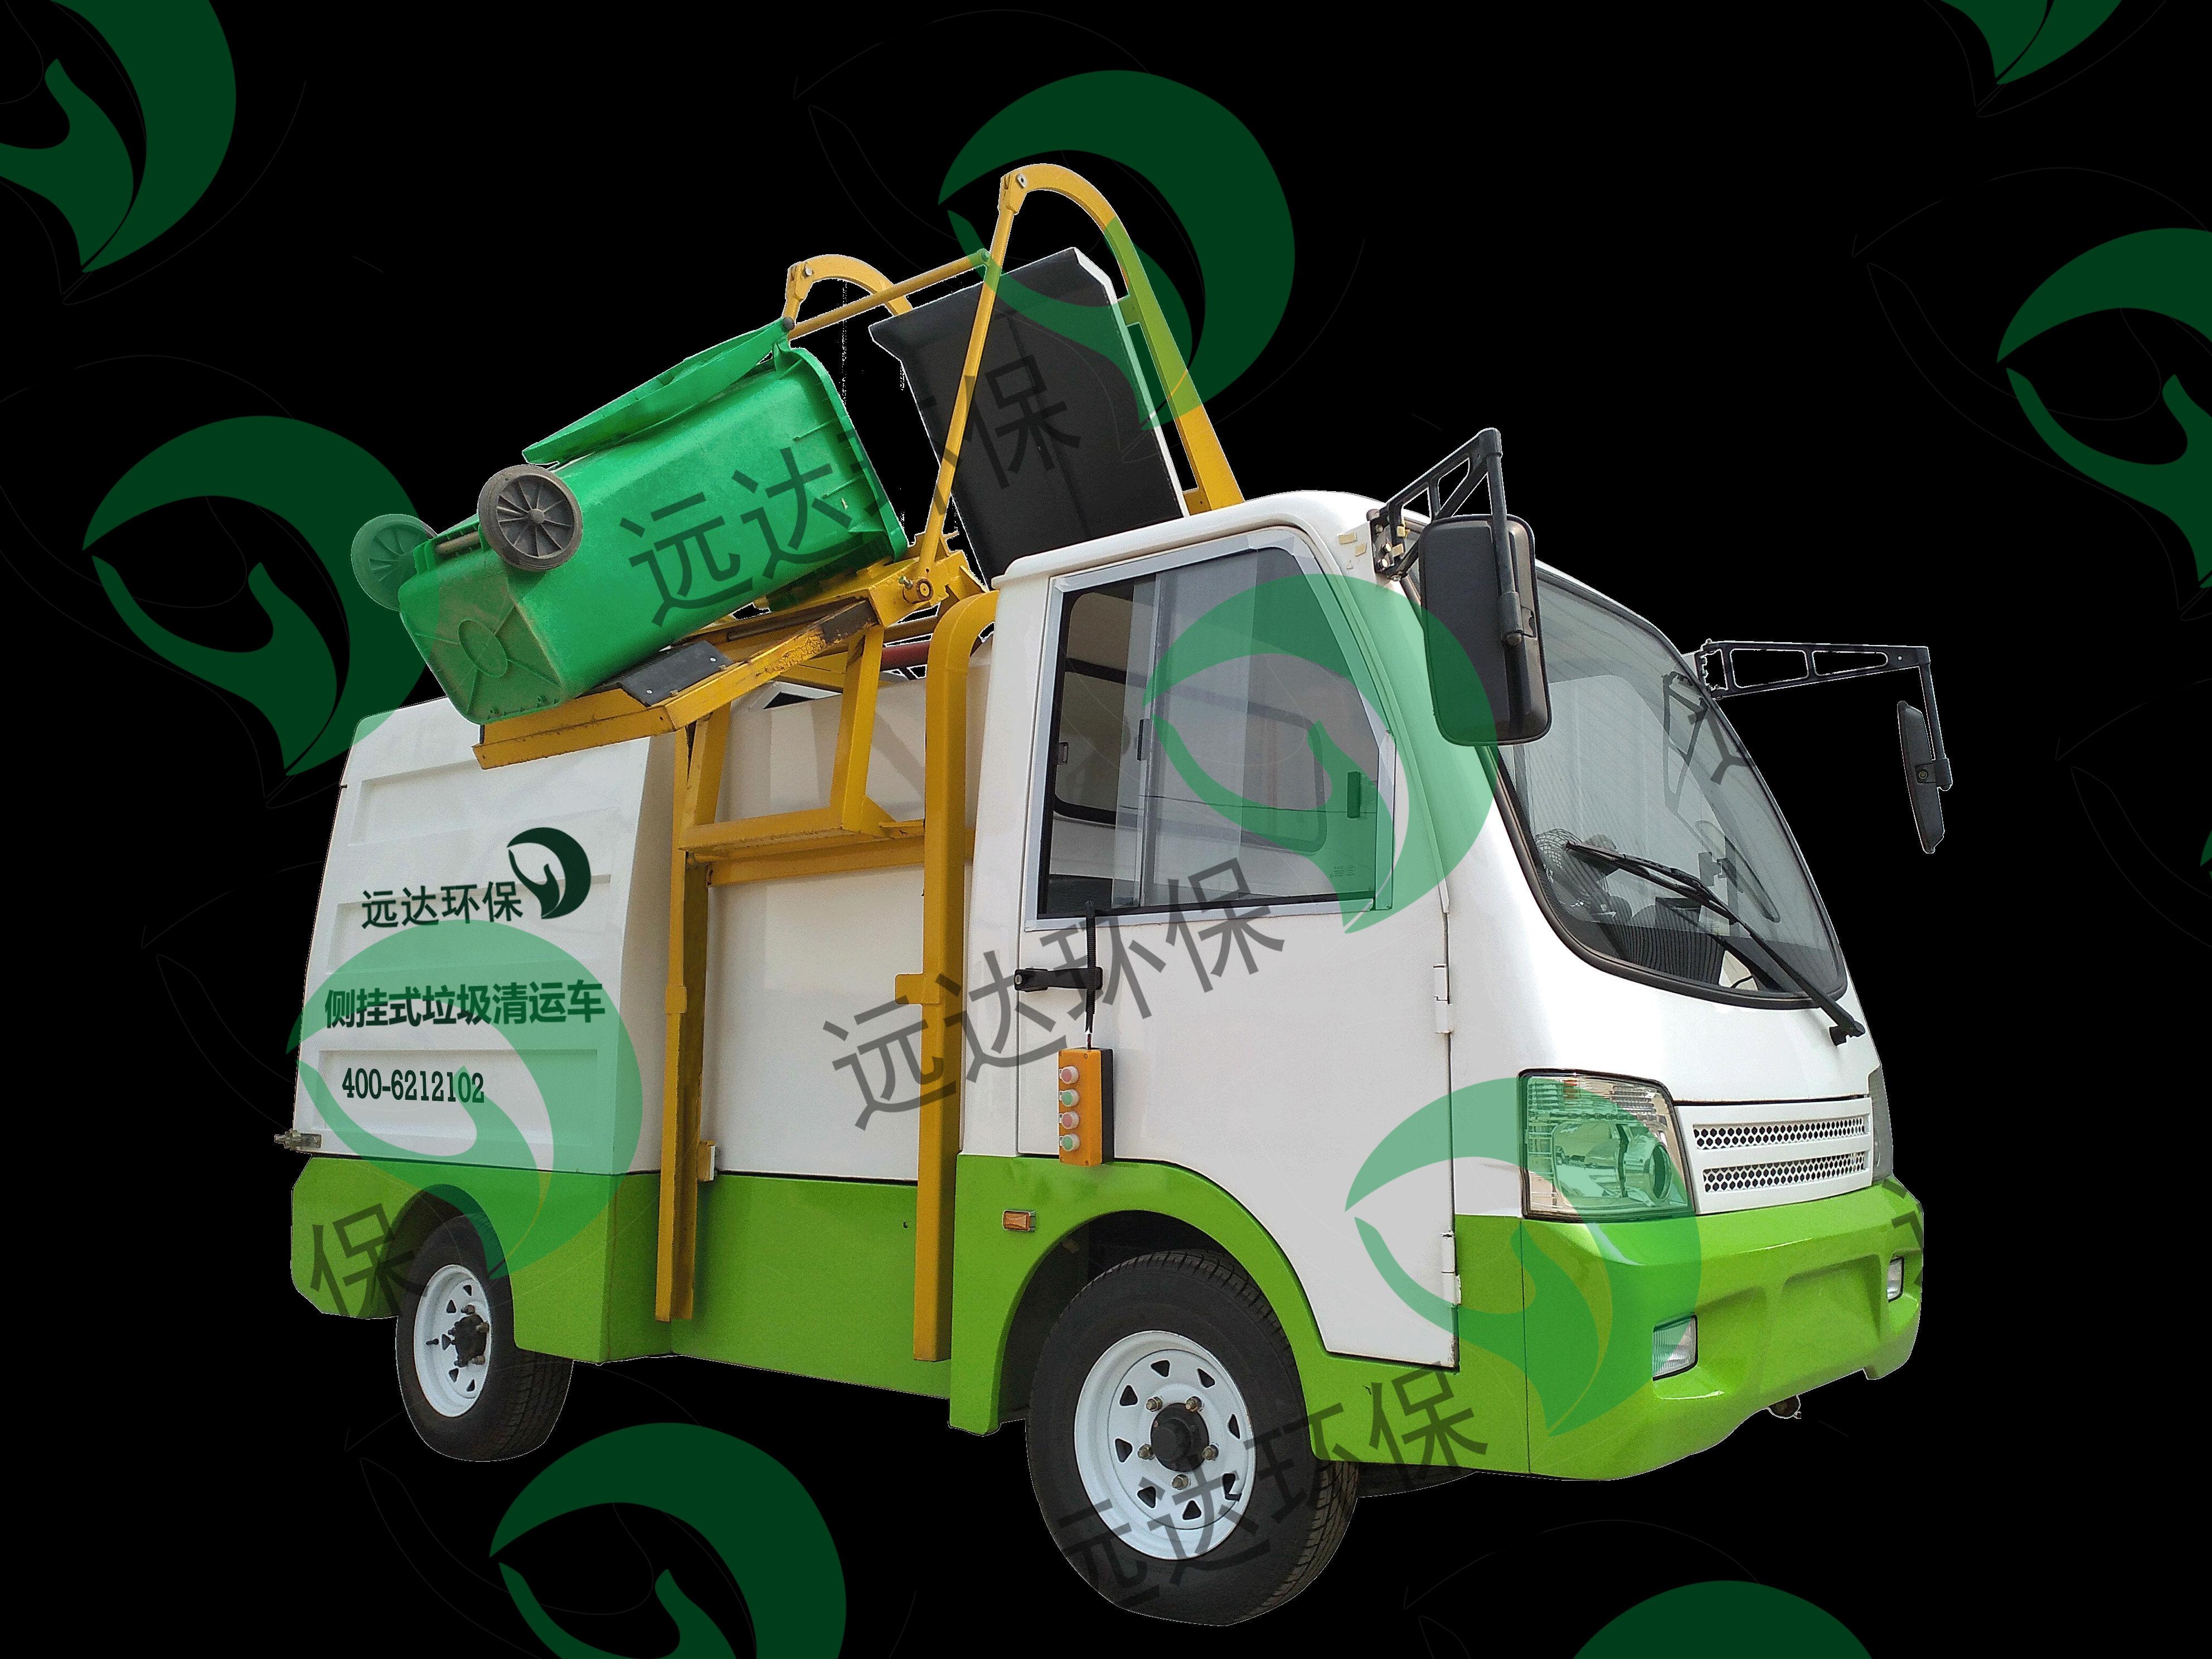 侧挂式垃圾清运车-YD4QY2000B1侧挂式垃圾清运车